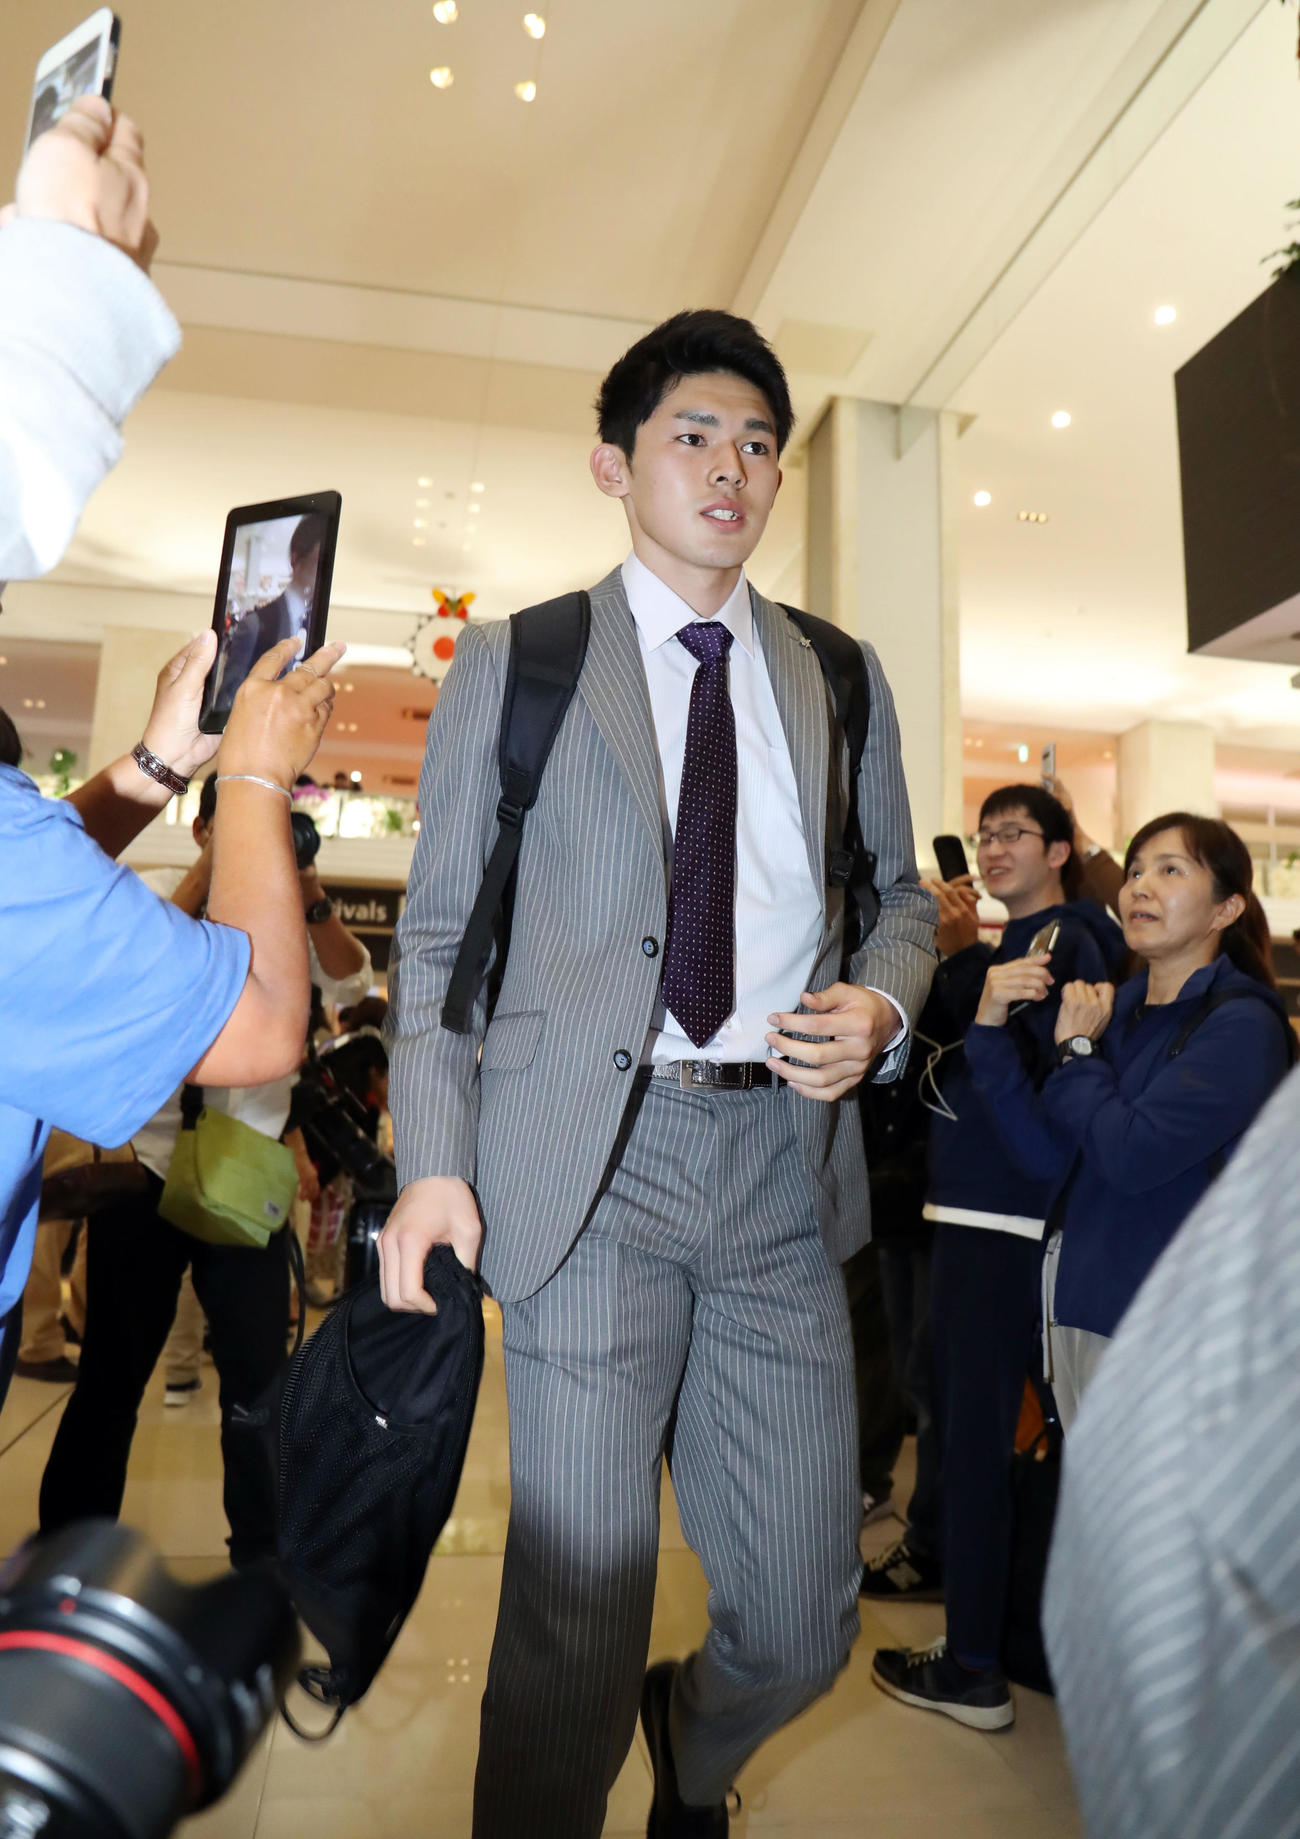 居合わせた観光客と報道陣の視線を浴びながら新石垣空港に到着したロッテ佐々木朗(撮影・垰建太)